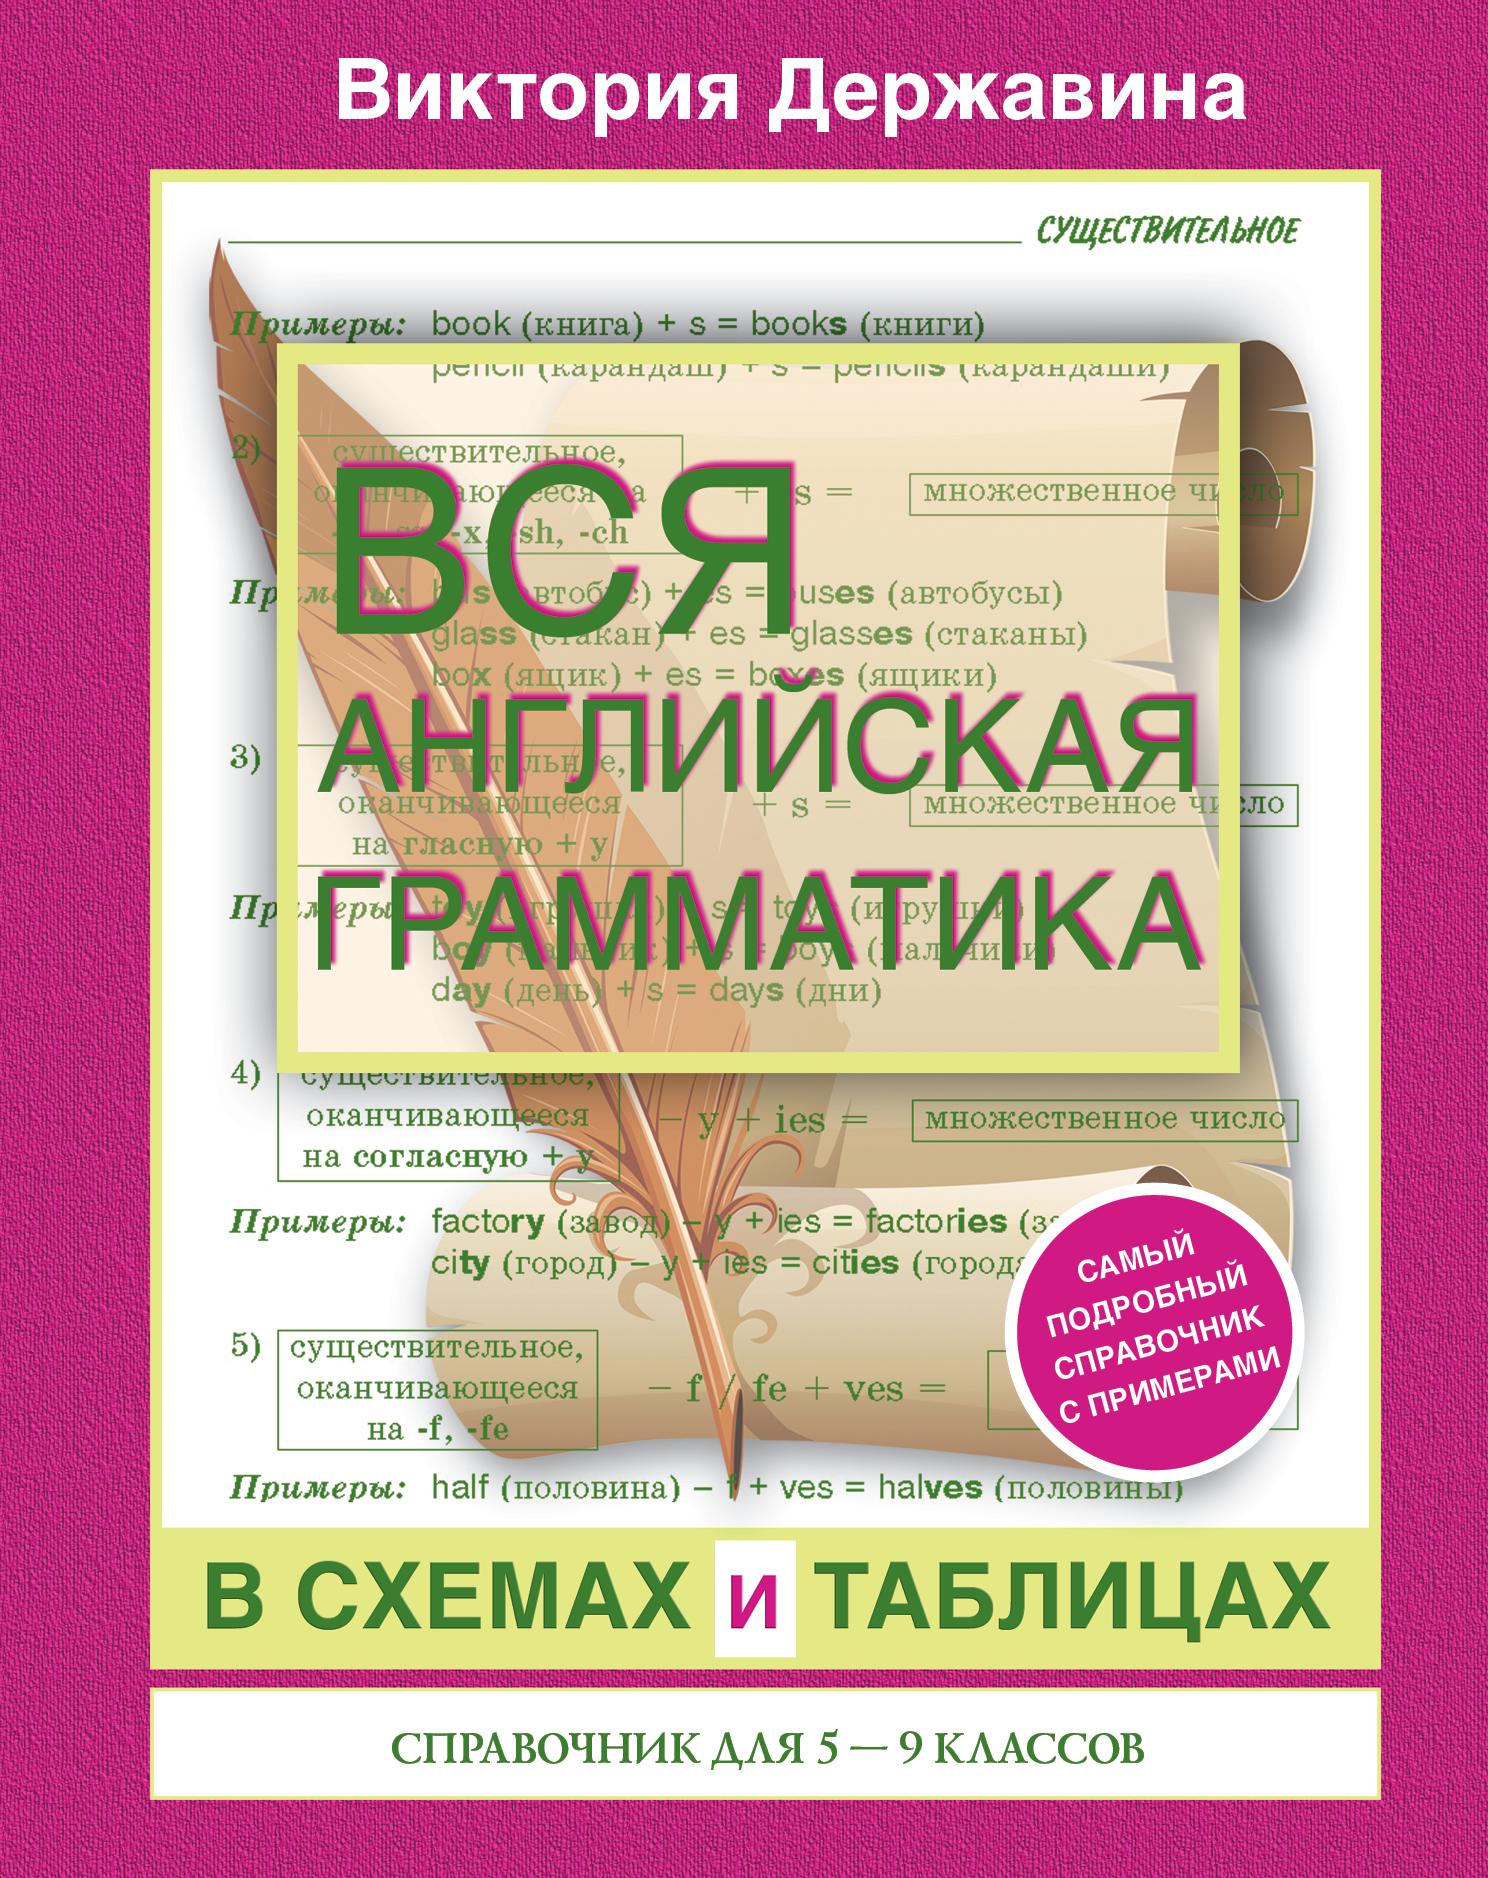 Вся Английская Грамматика В Схемах и таблицах: Справочник для 5-9 классов